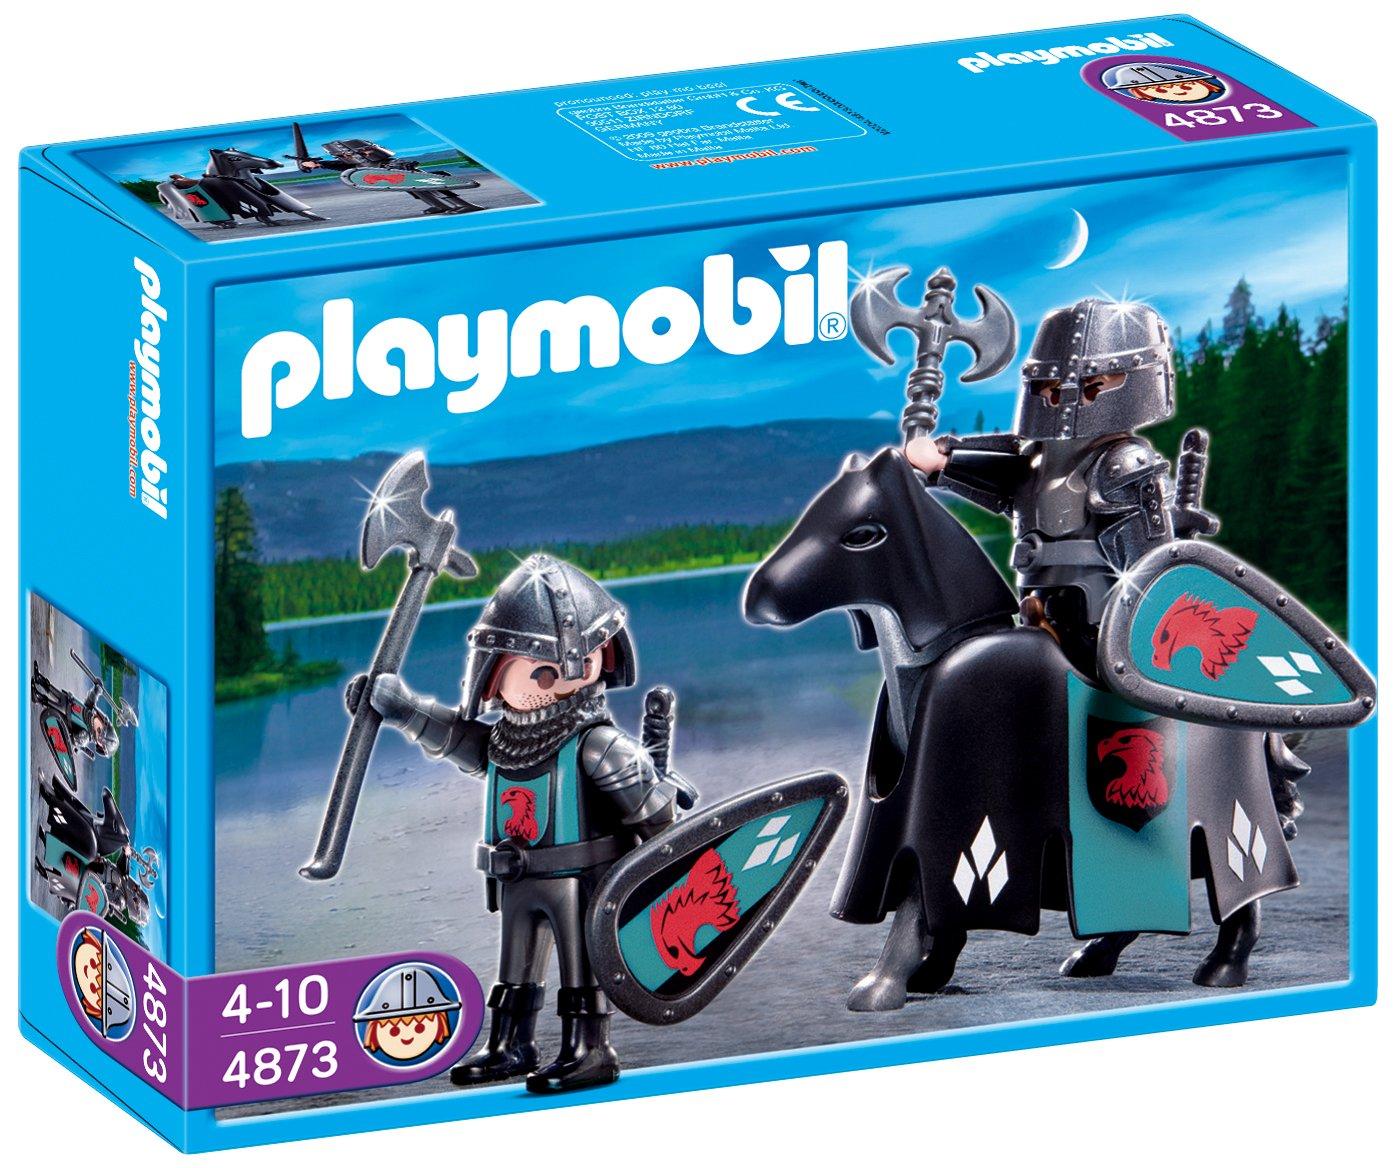 PLAYMOBIL - Tropa de los Caballeros del Halcón (4873): Amazon.es: Juguetes y juegos